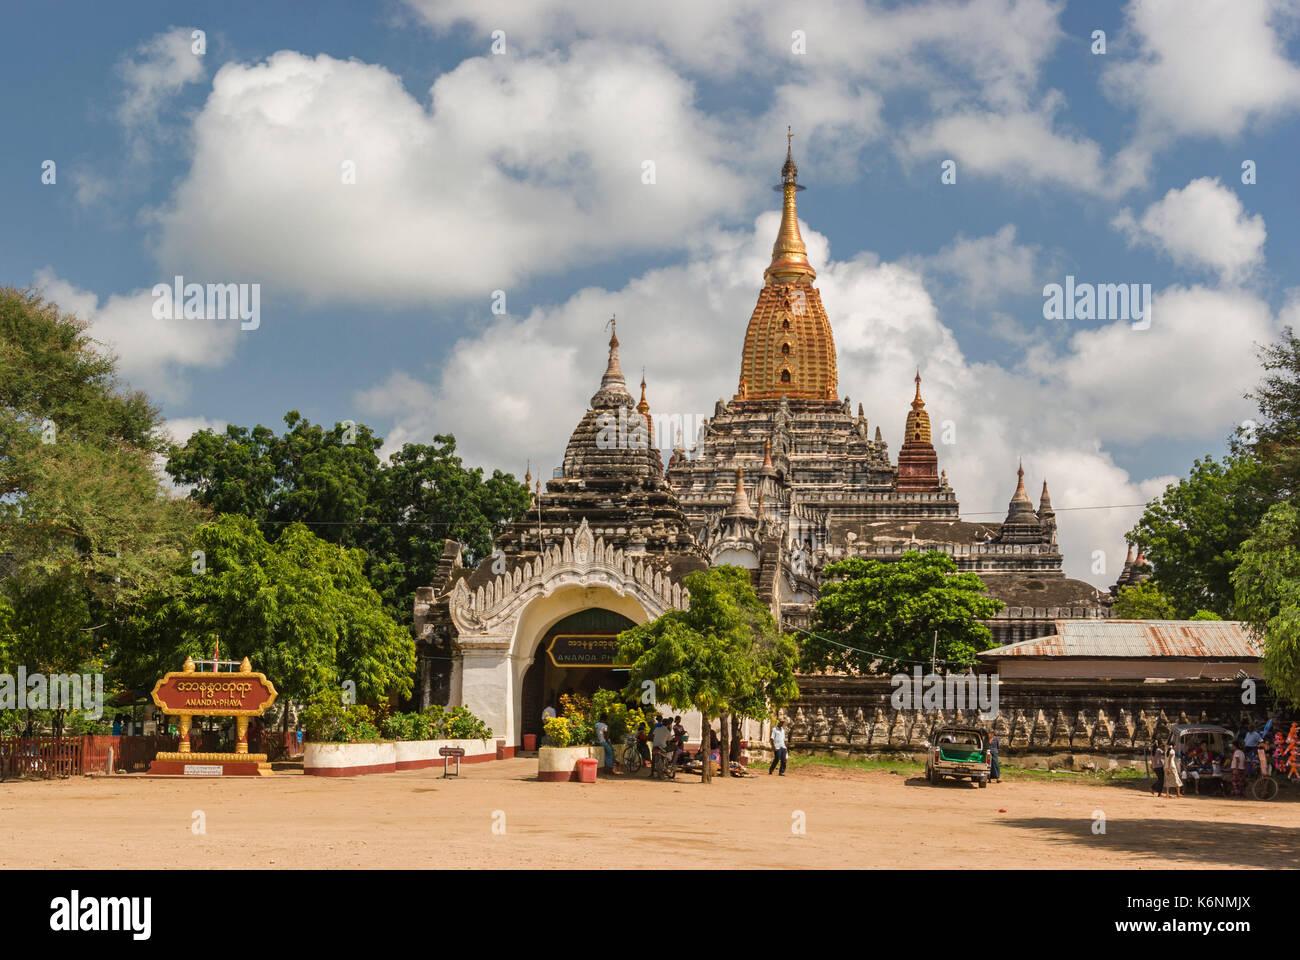 Ananda Phaya of Bagan - Stock Image